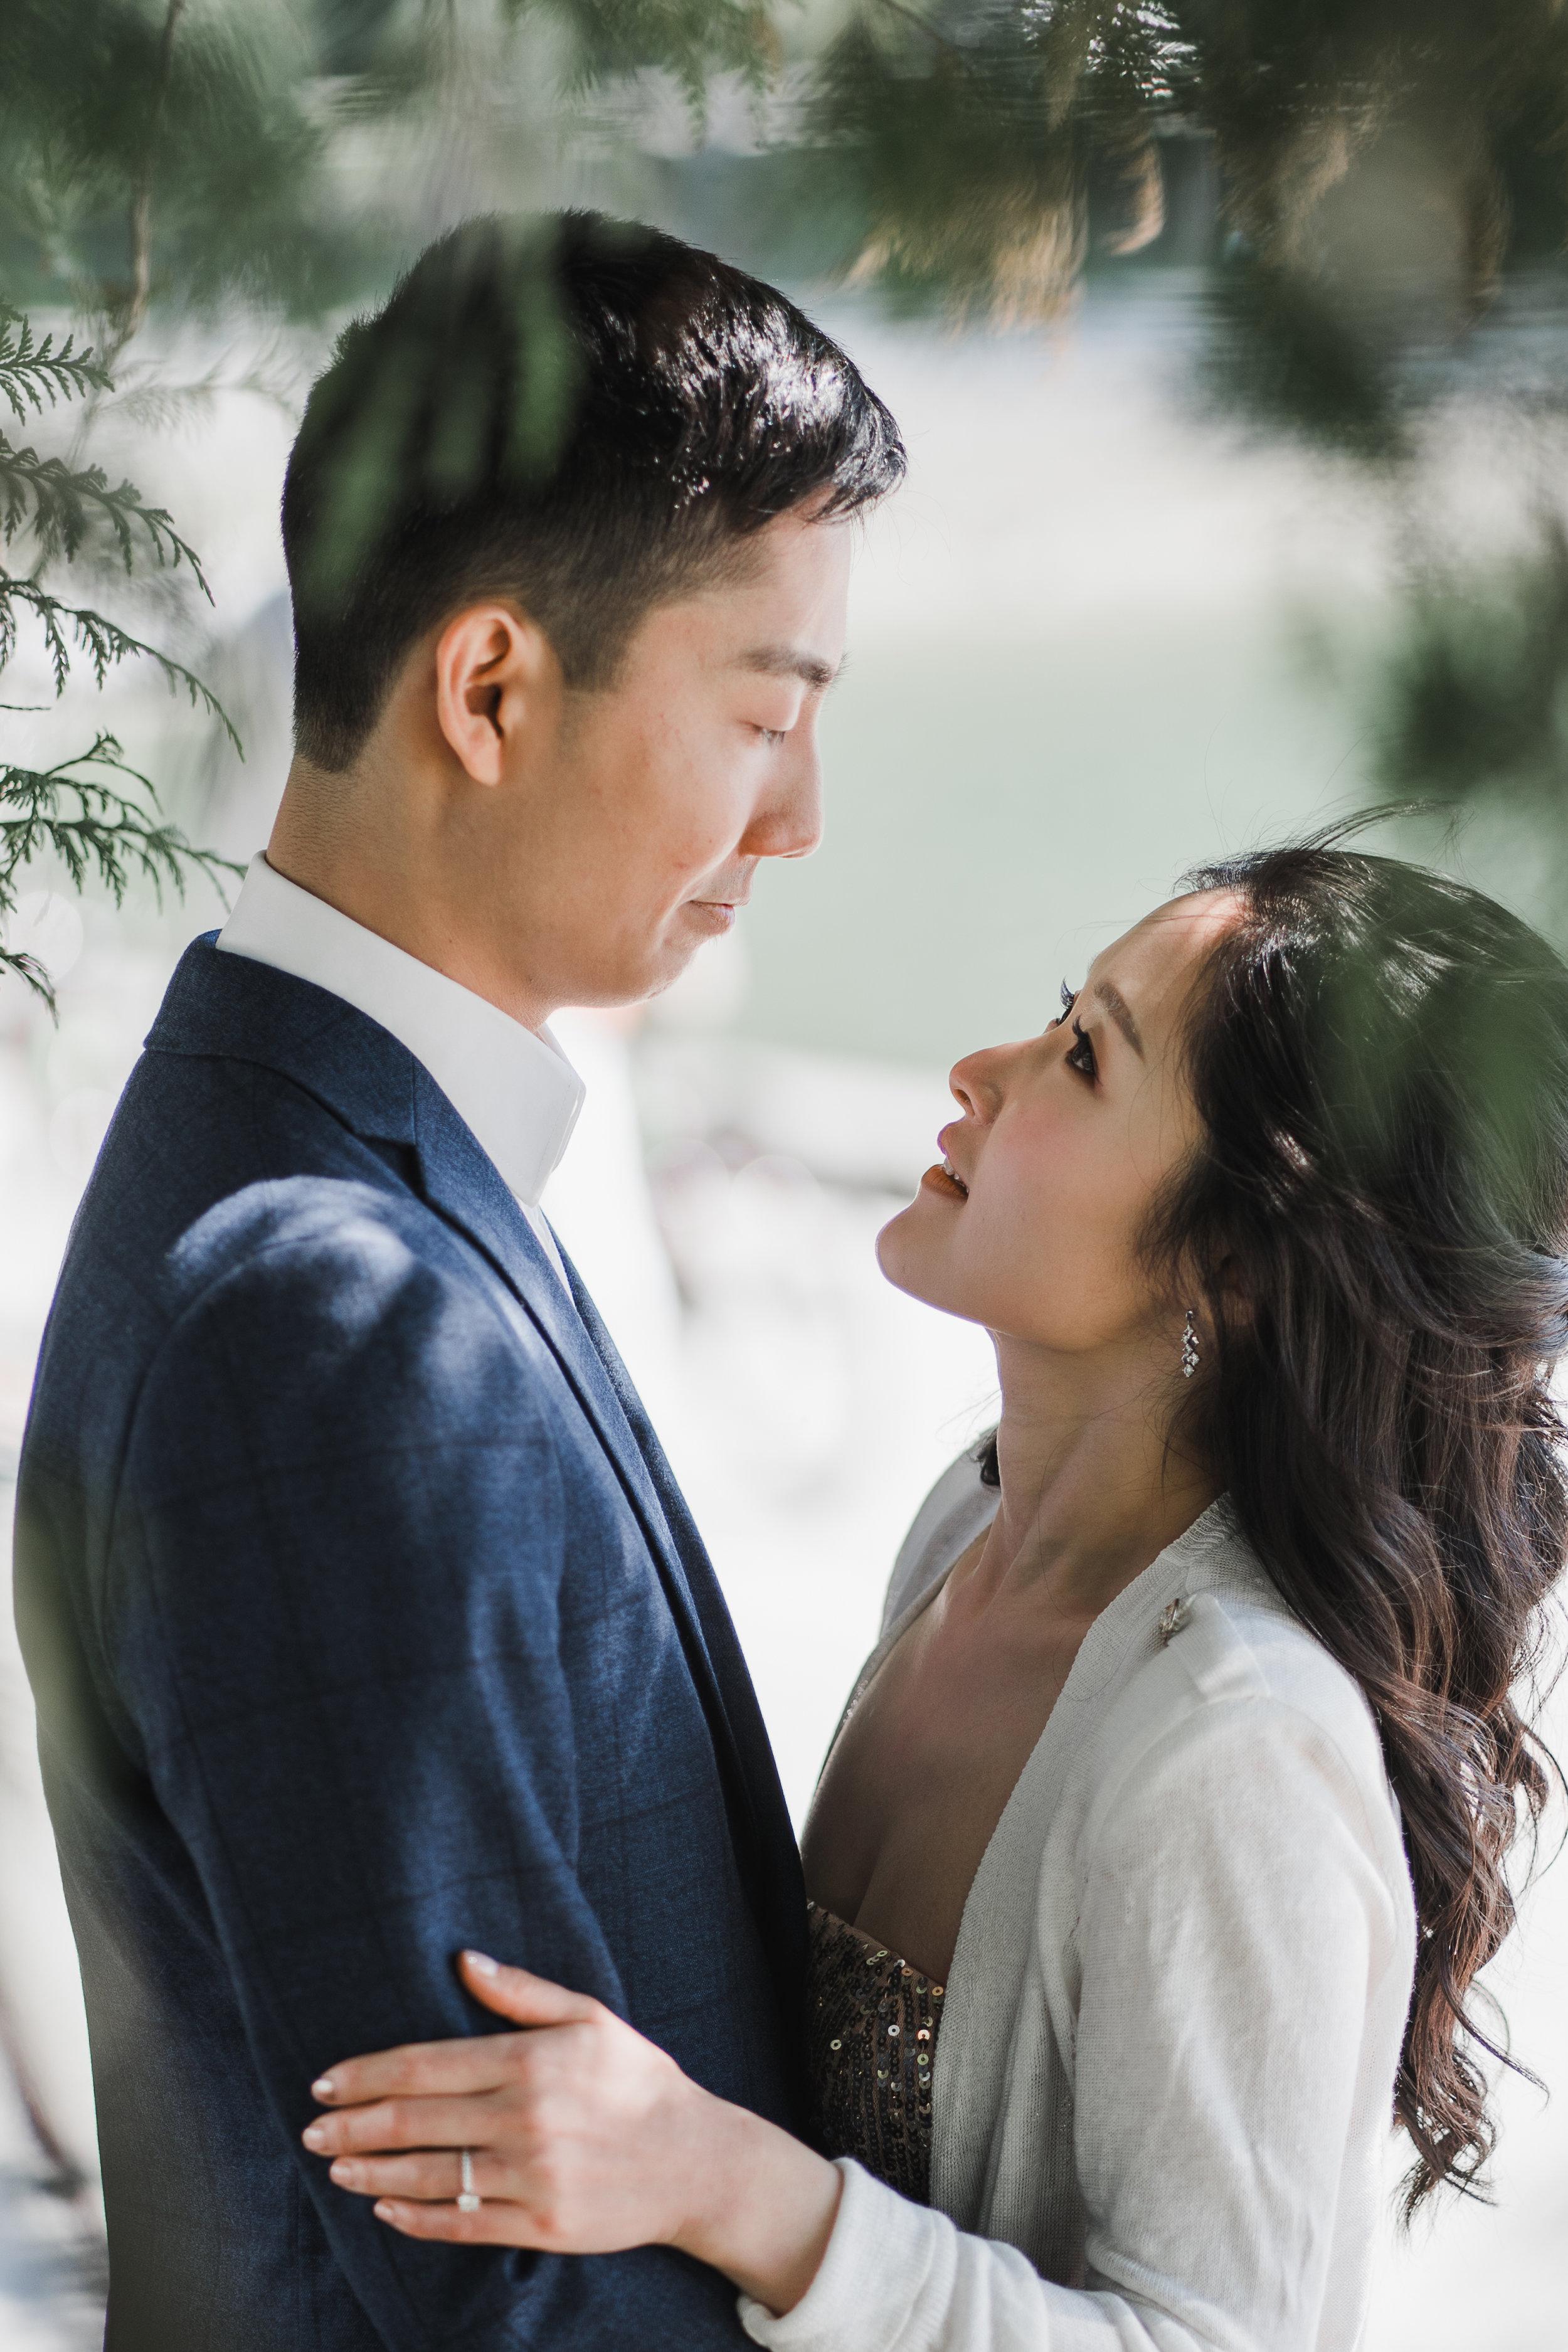 20190428 - Rachel & Brandon Engagement - 0103.jpg